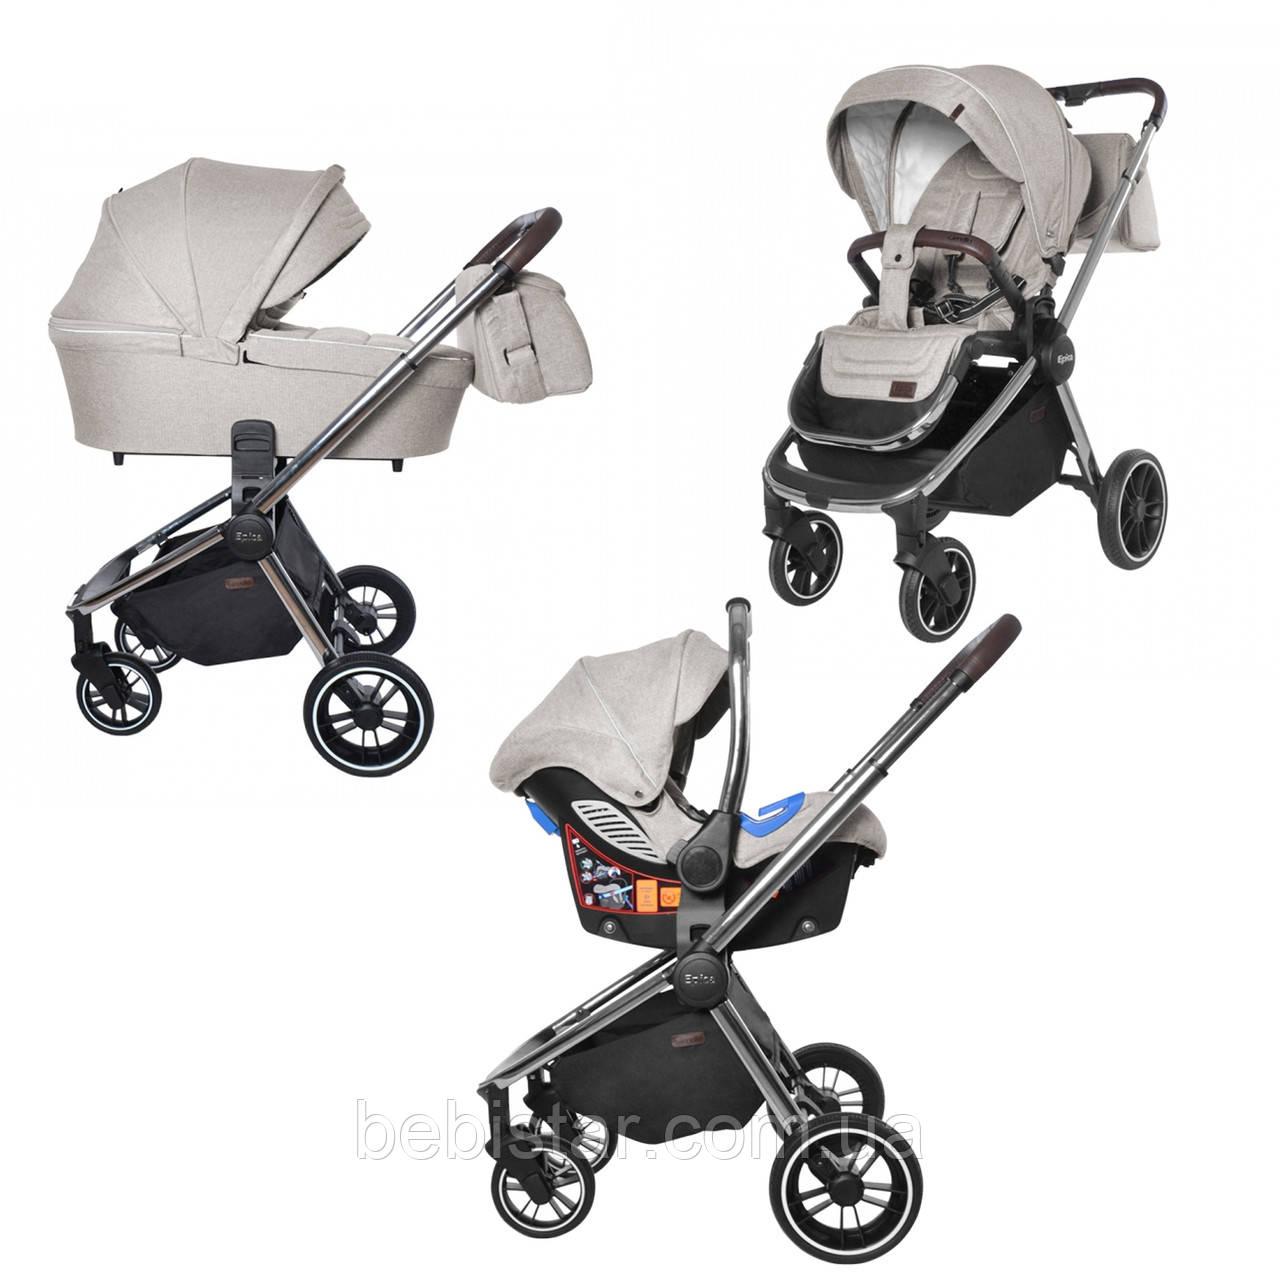 Универсальная коляска 3в1 бежевая с автокреслом дождевик CARRELLO Epica CRL-8515 Almond Beige от рождения